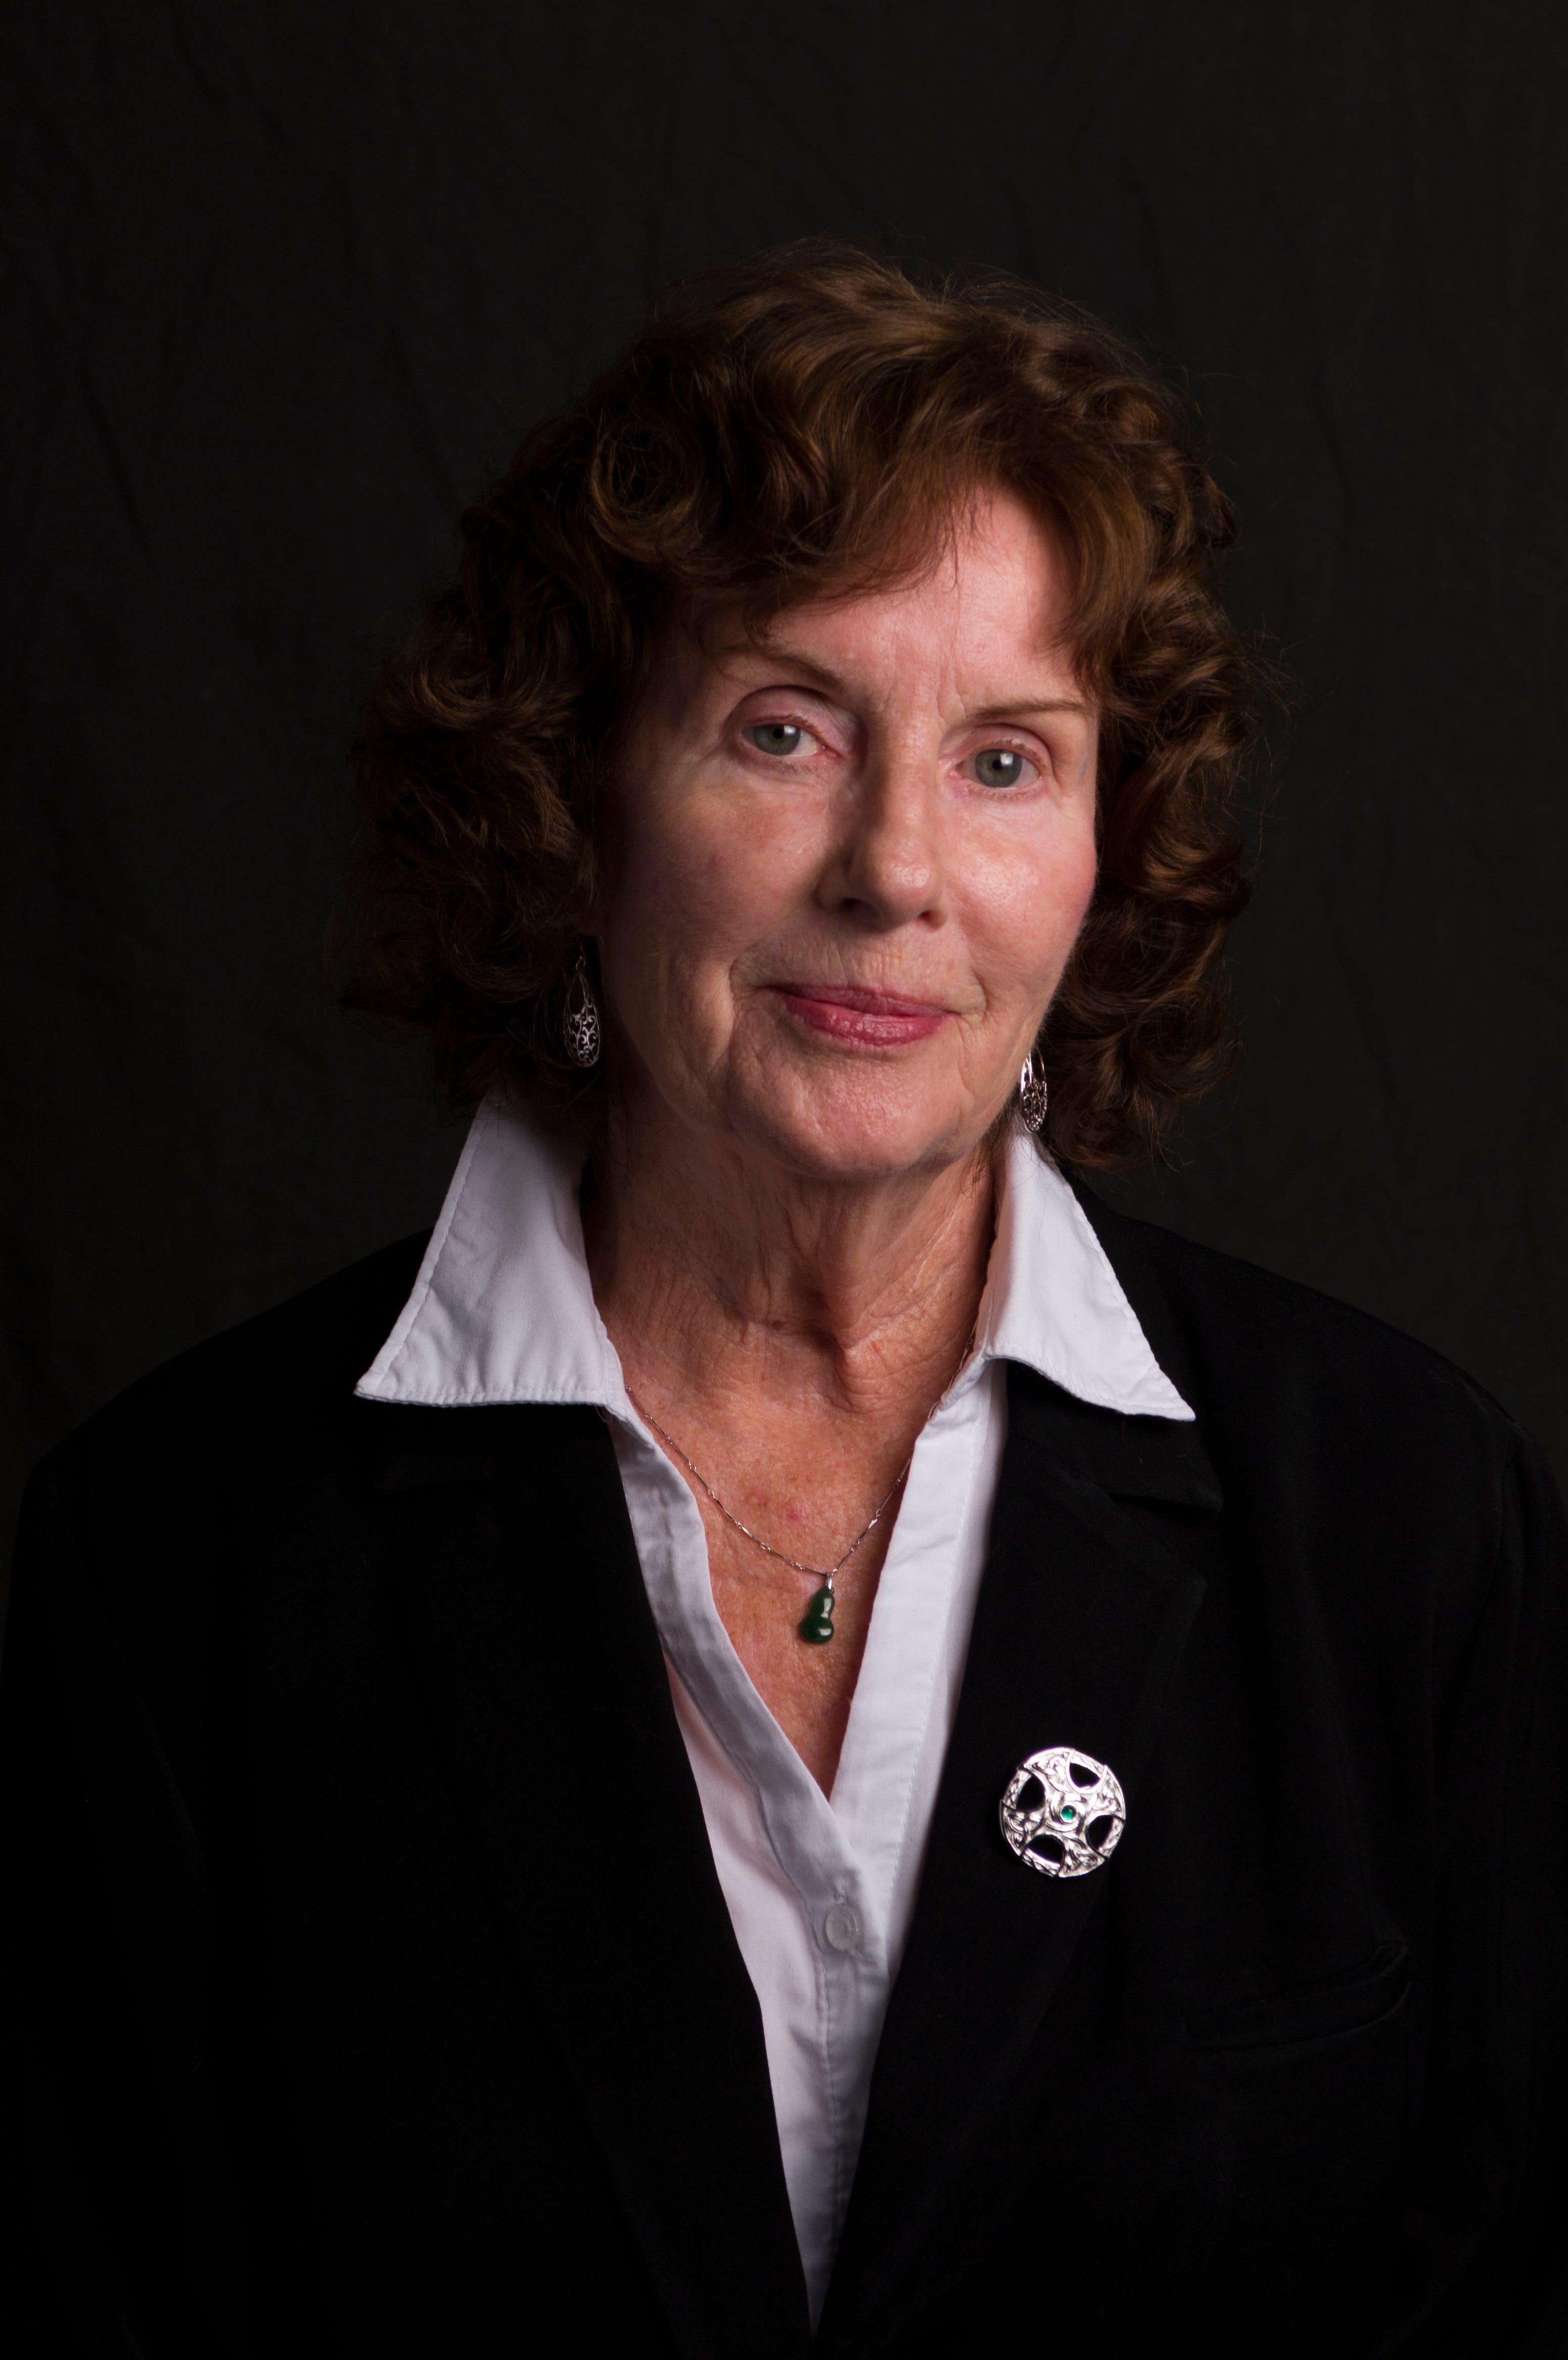 Patricia McGinnis, executive director of California Advocates for Nursing Home Reform